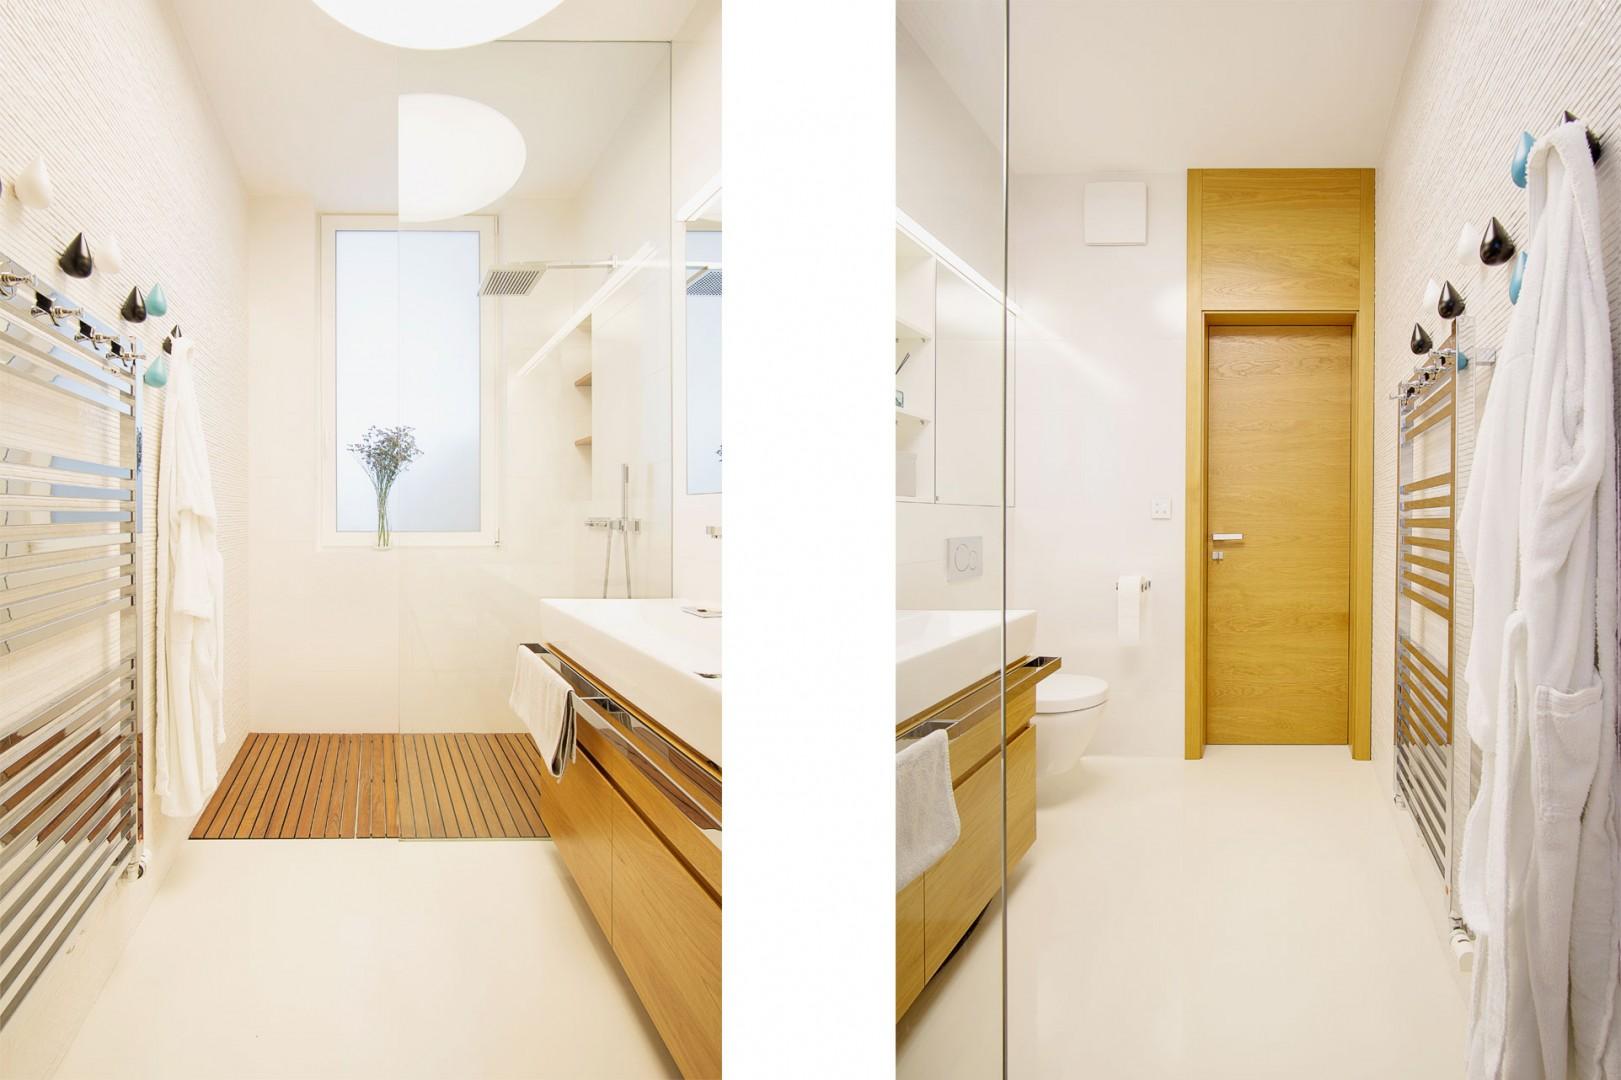 realizacia interieru rodinneho domu - vyroba nabytku do kupelne na mieru a vyroba interierovych dveri na mieru